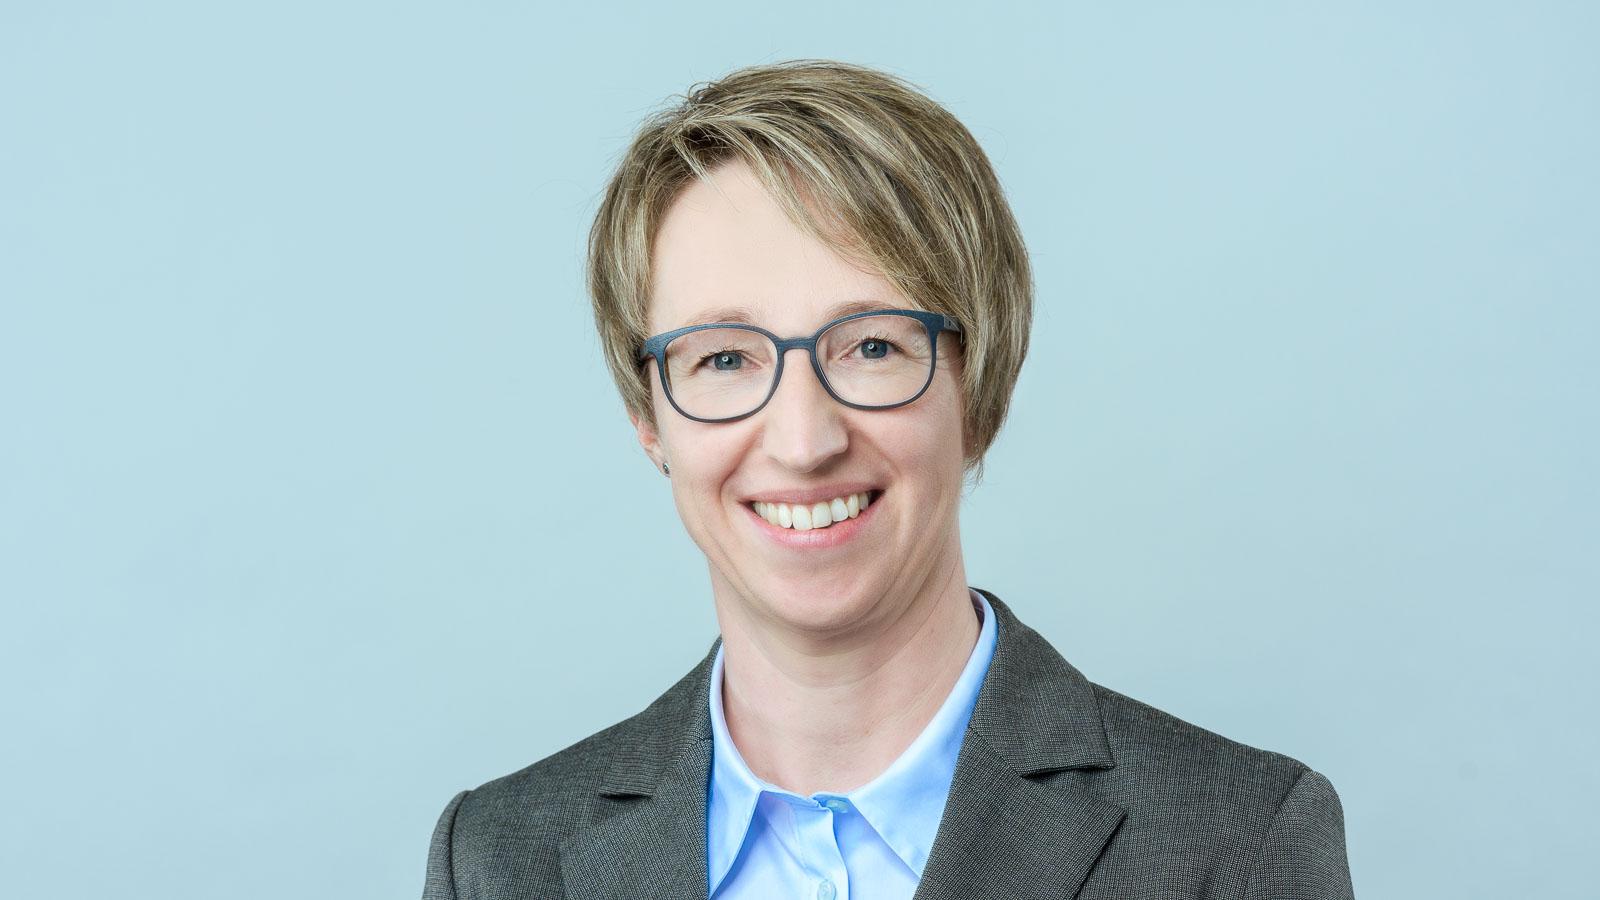 Andrea Henneke